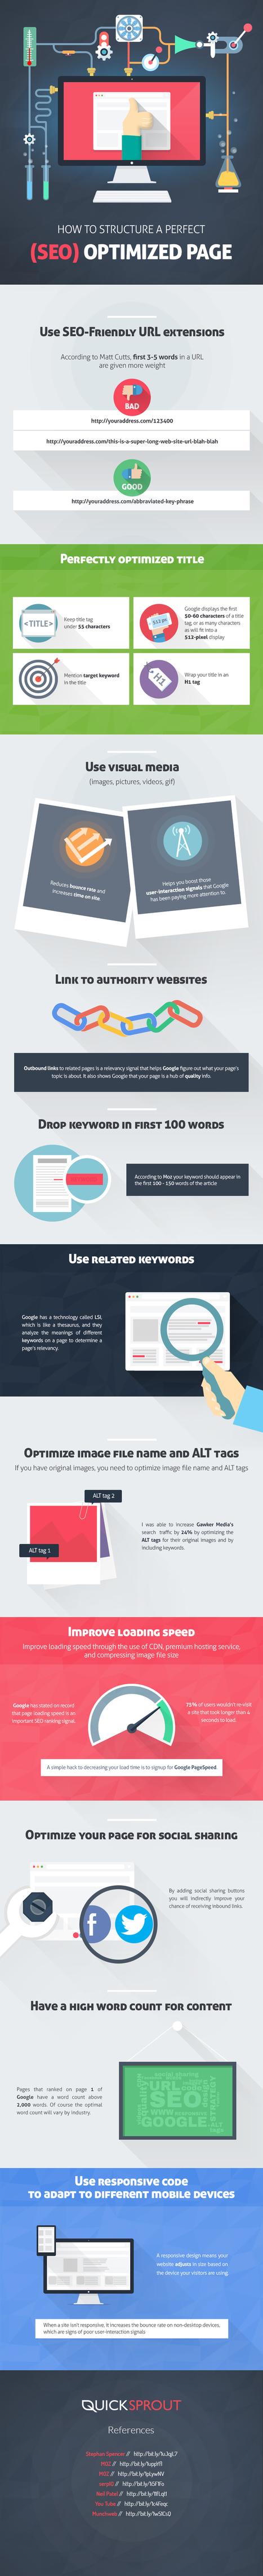 Comment structurer une page pour qu'elle soit parfaitement SEO-Friendly ? | Webmarketing - SEO | Scoop.it